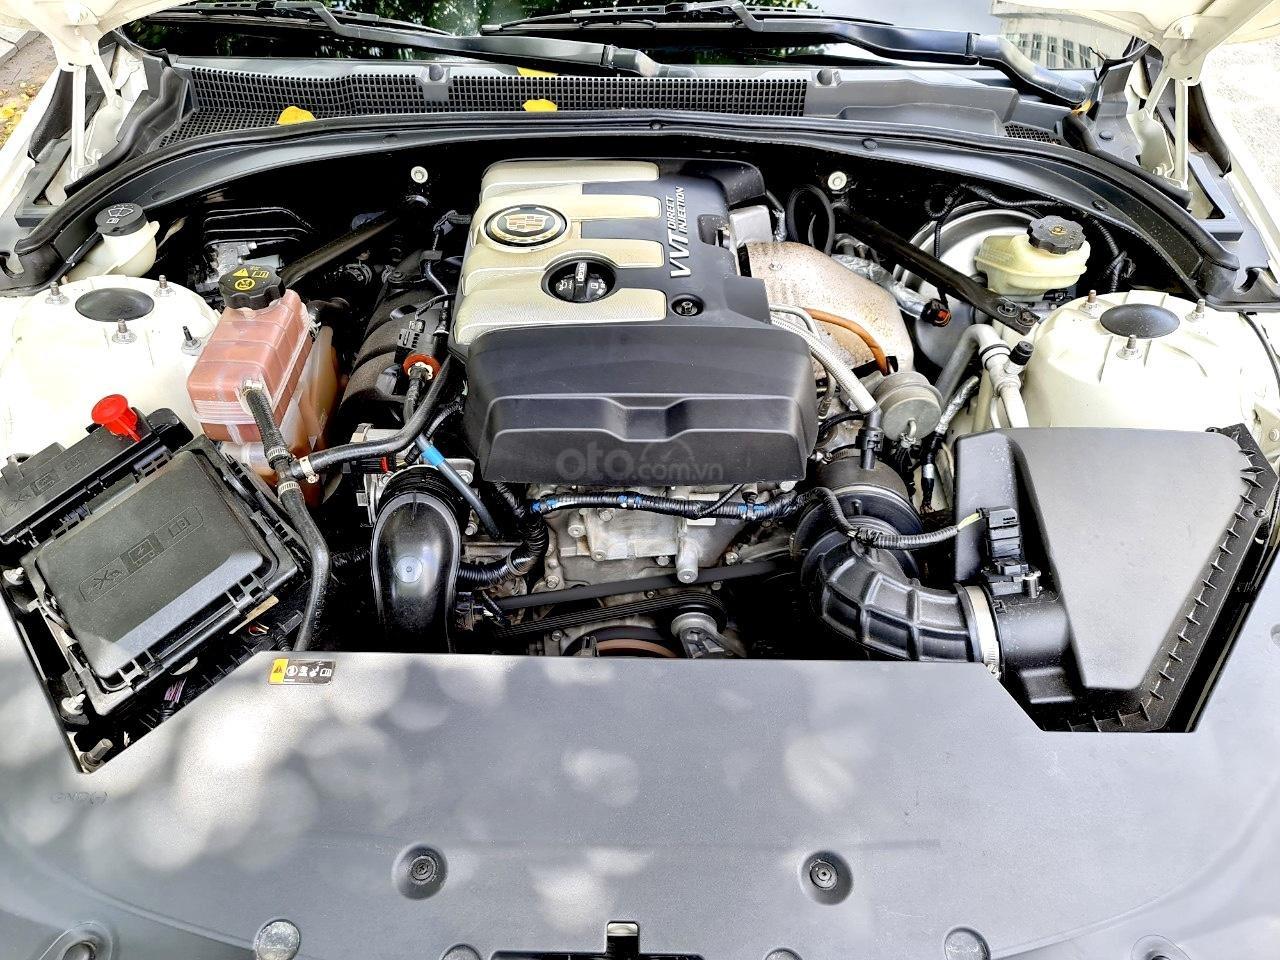 Cadillac CTS Luxury 2.0 nhập Mỹ 2015, loại cao cấp, full đồ chơi, màn hình cảm ứng, chìa khóa thông minh, nội thất sang trọng (5)